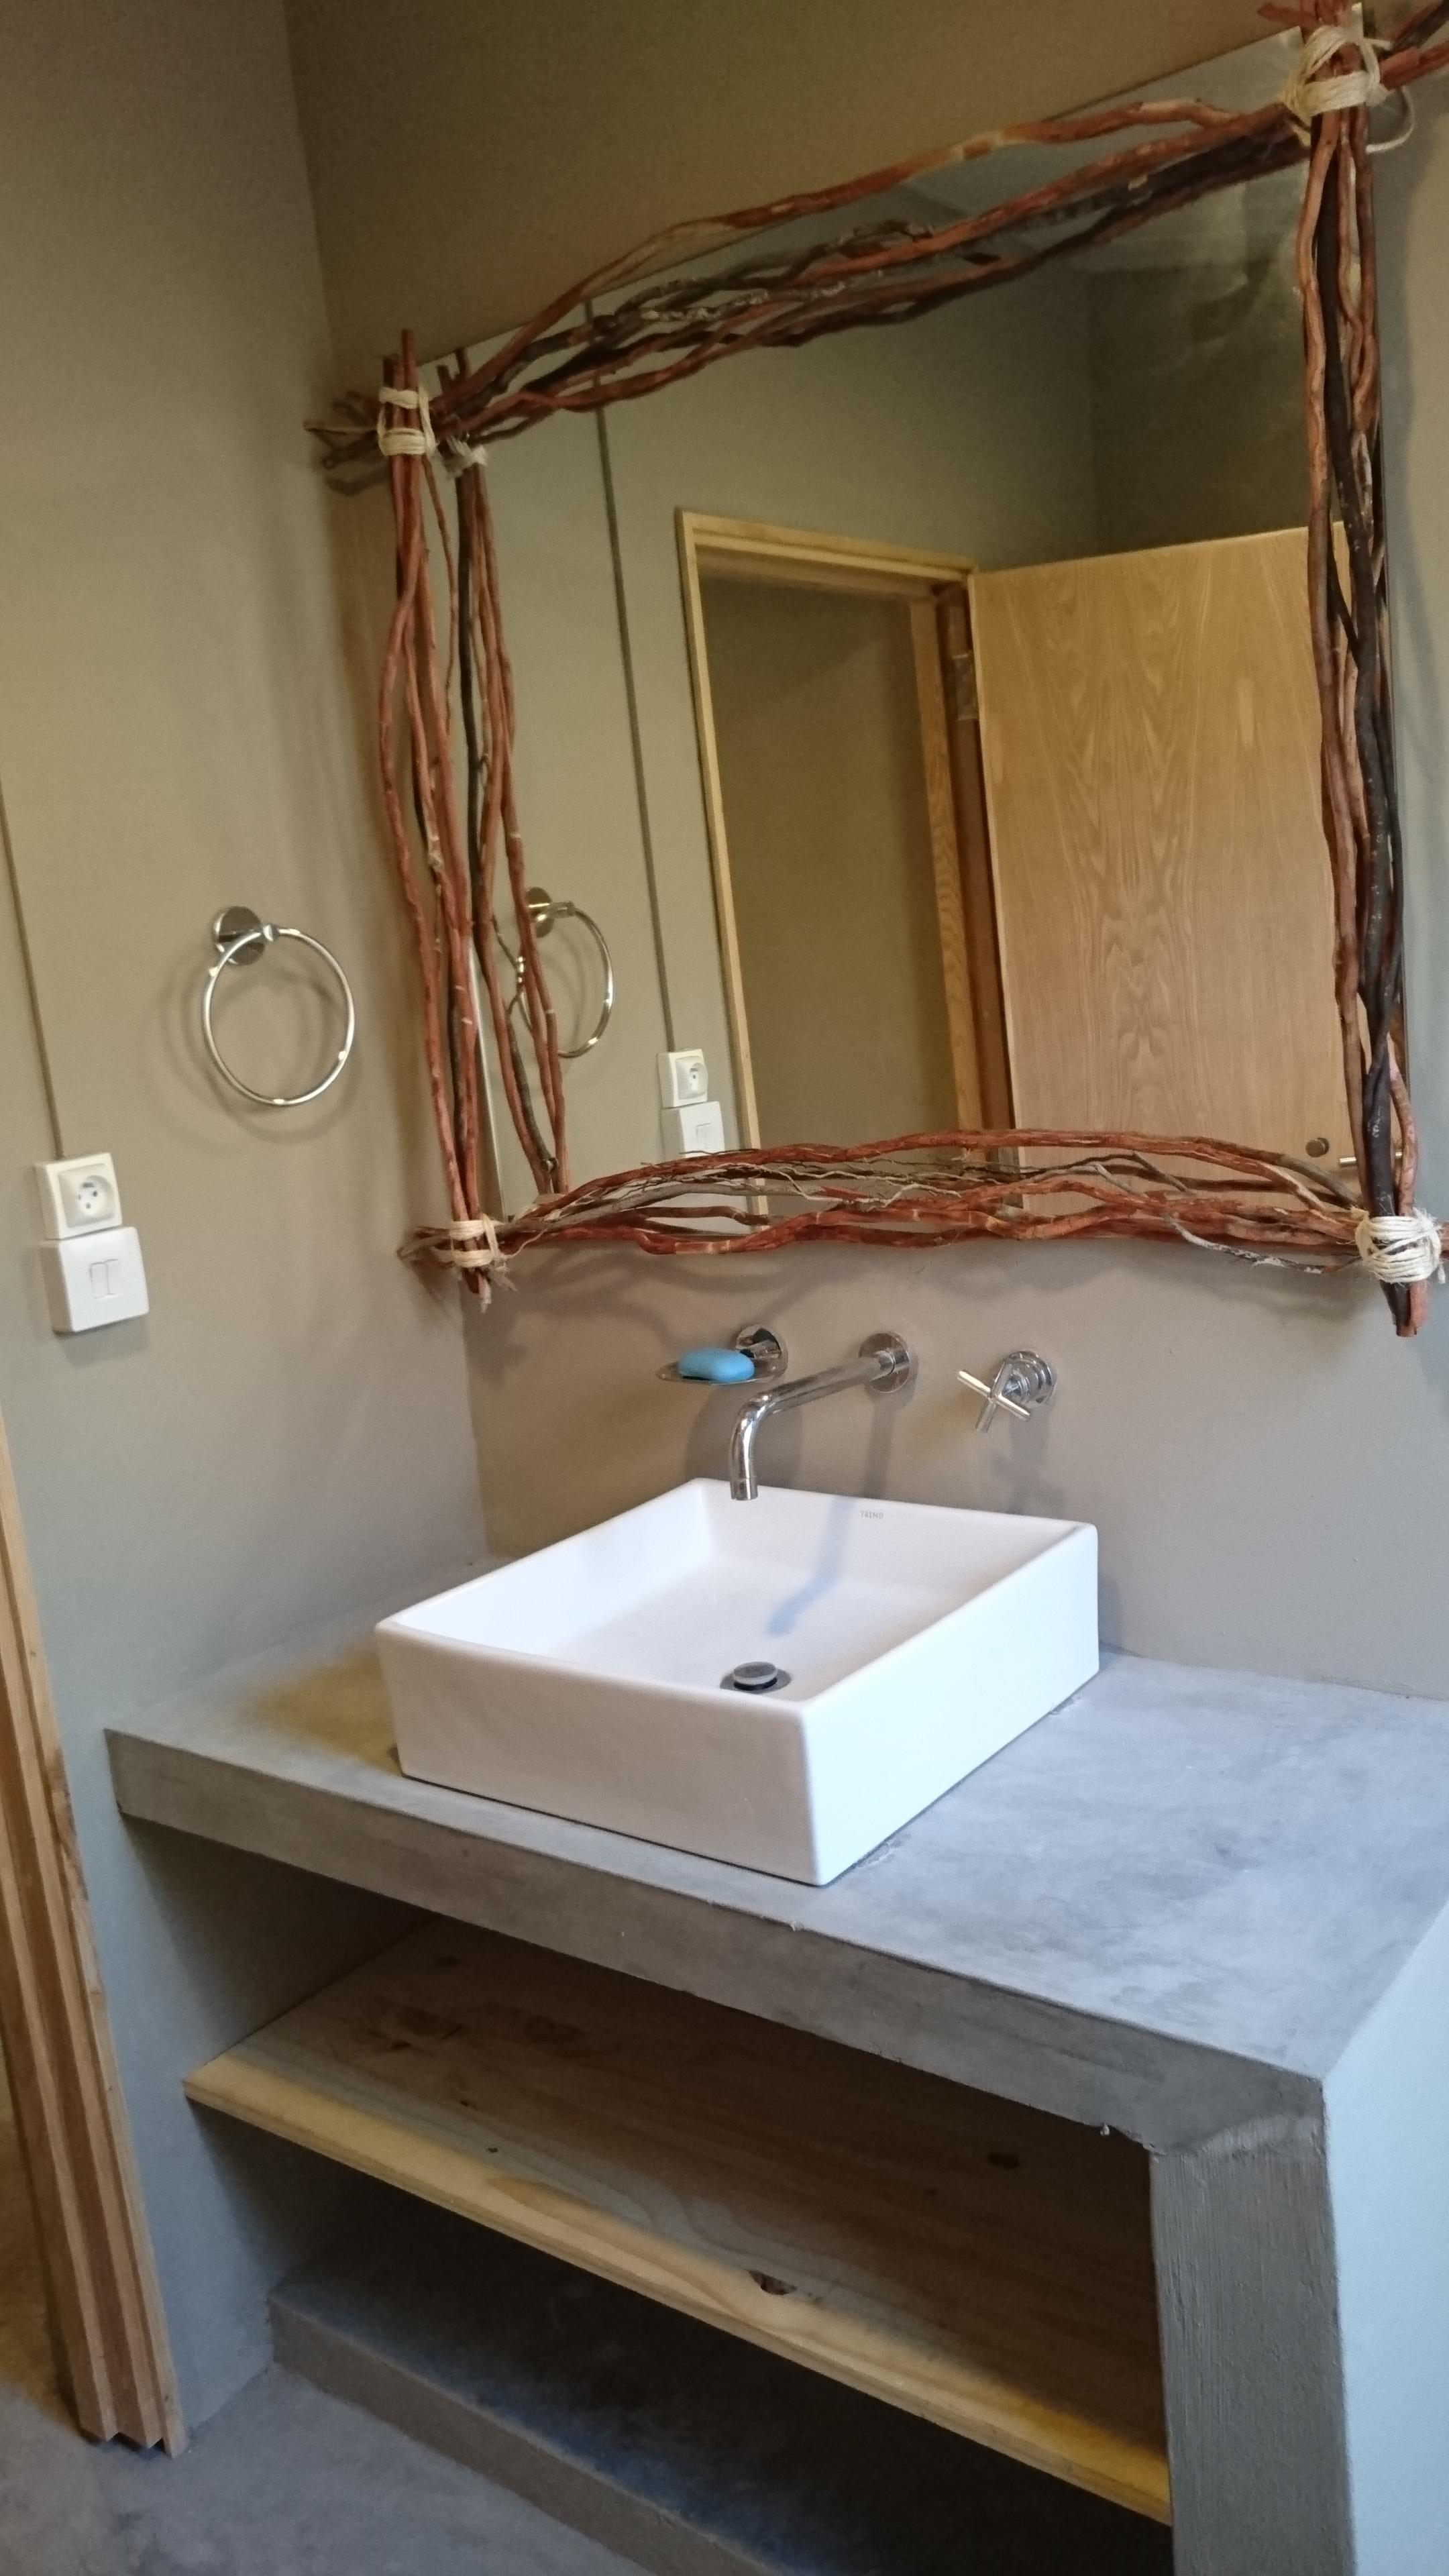 Guesthouse Bathroom 2